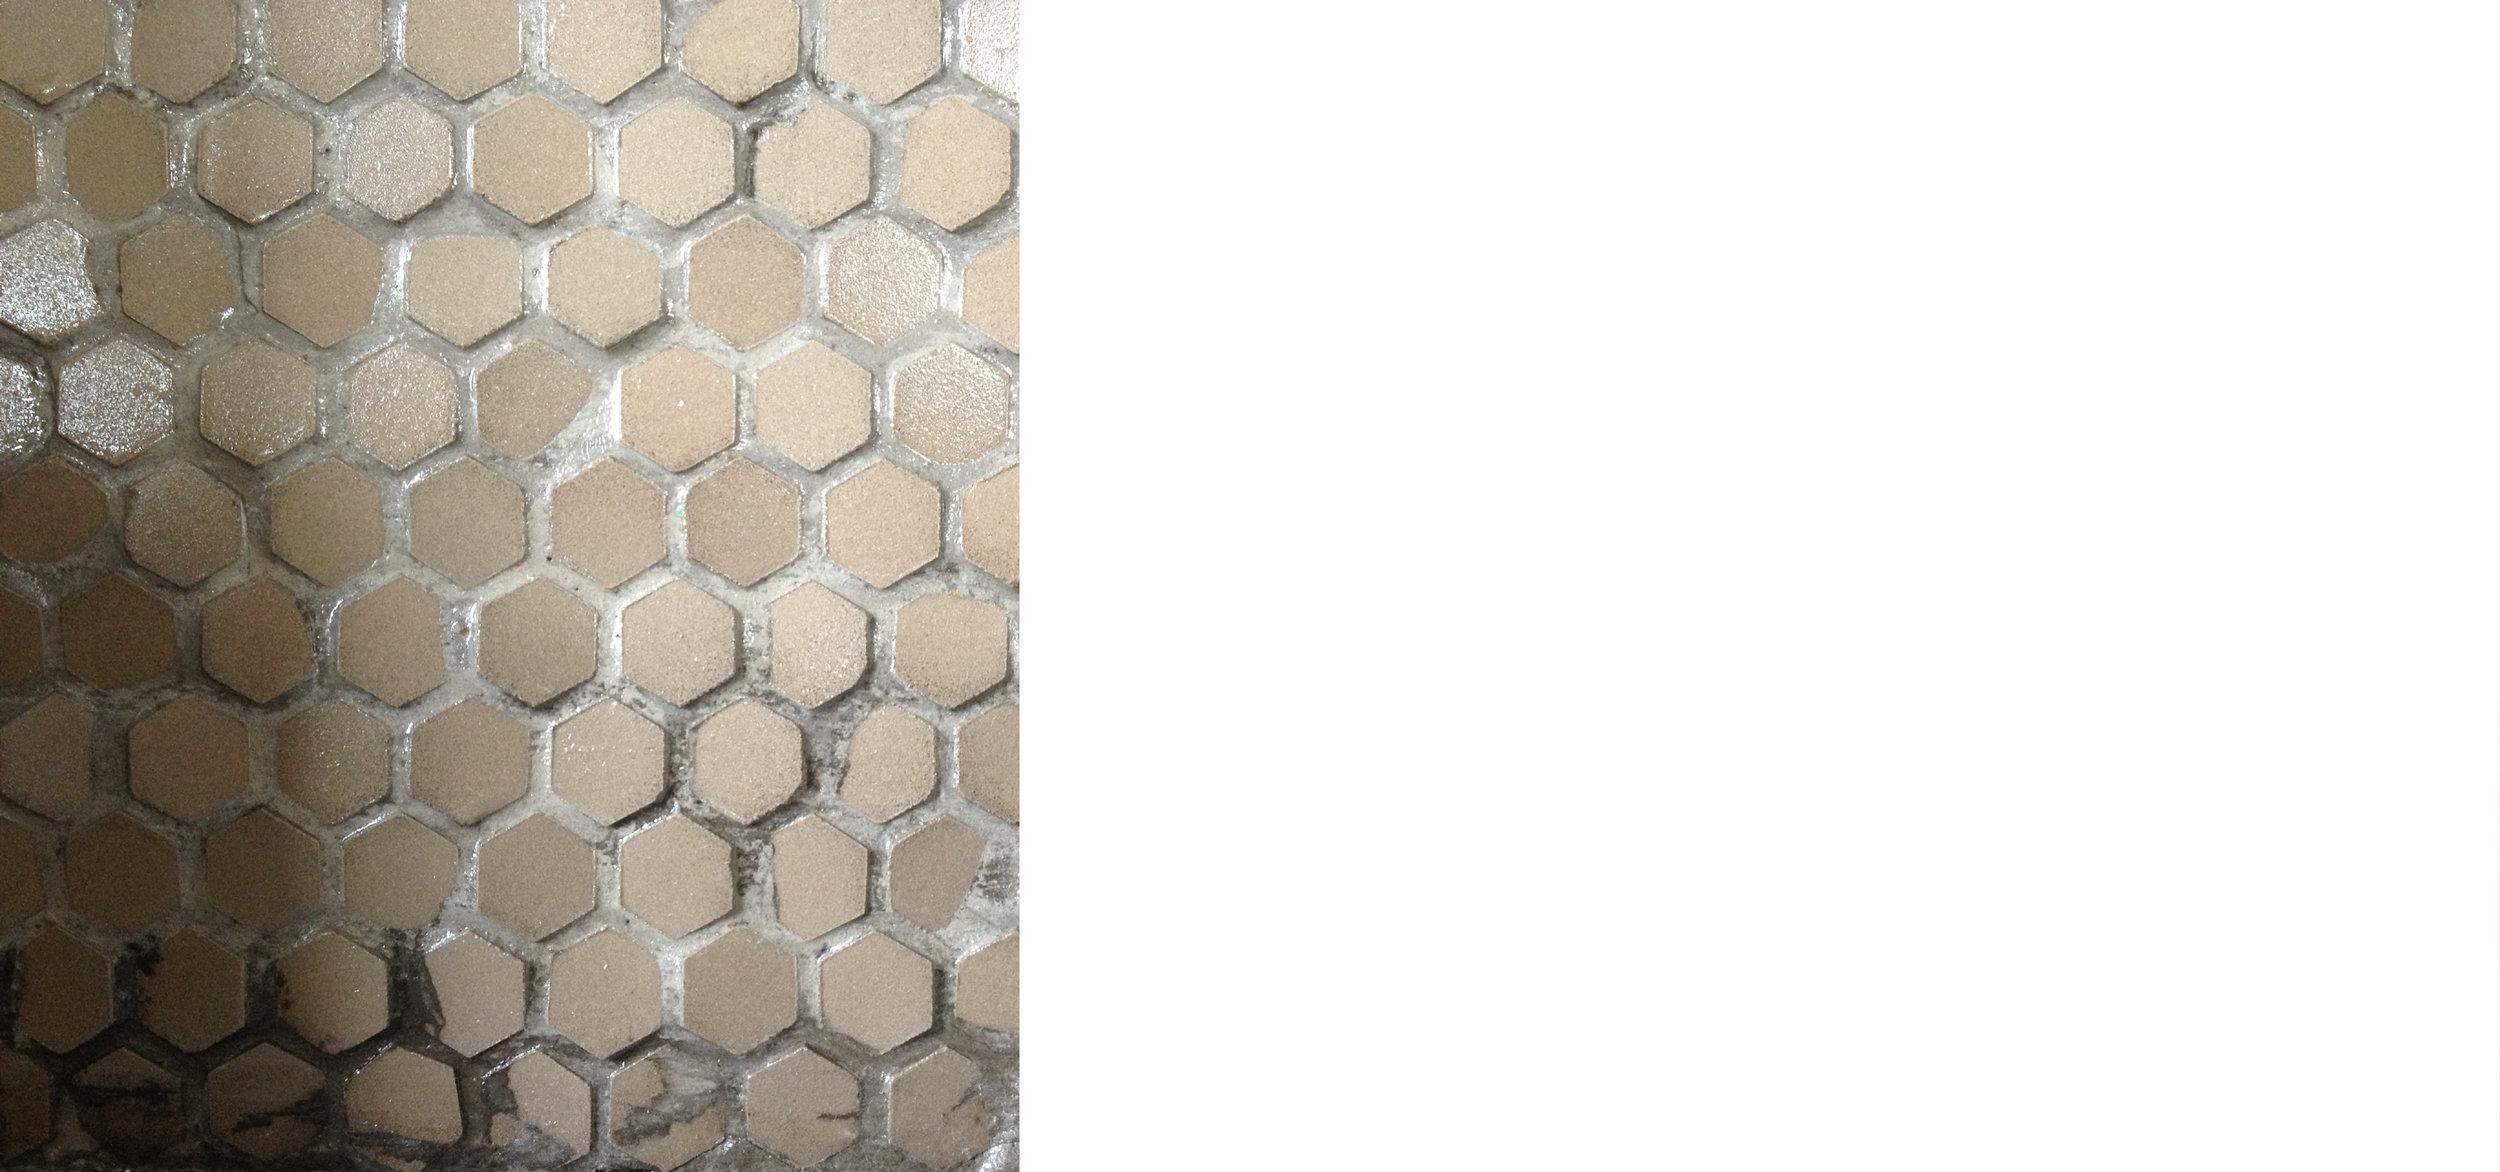 Cover Test - Tile 2.jpg